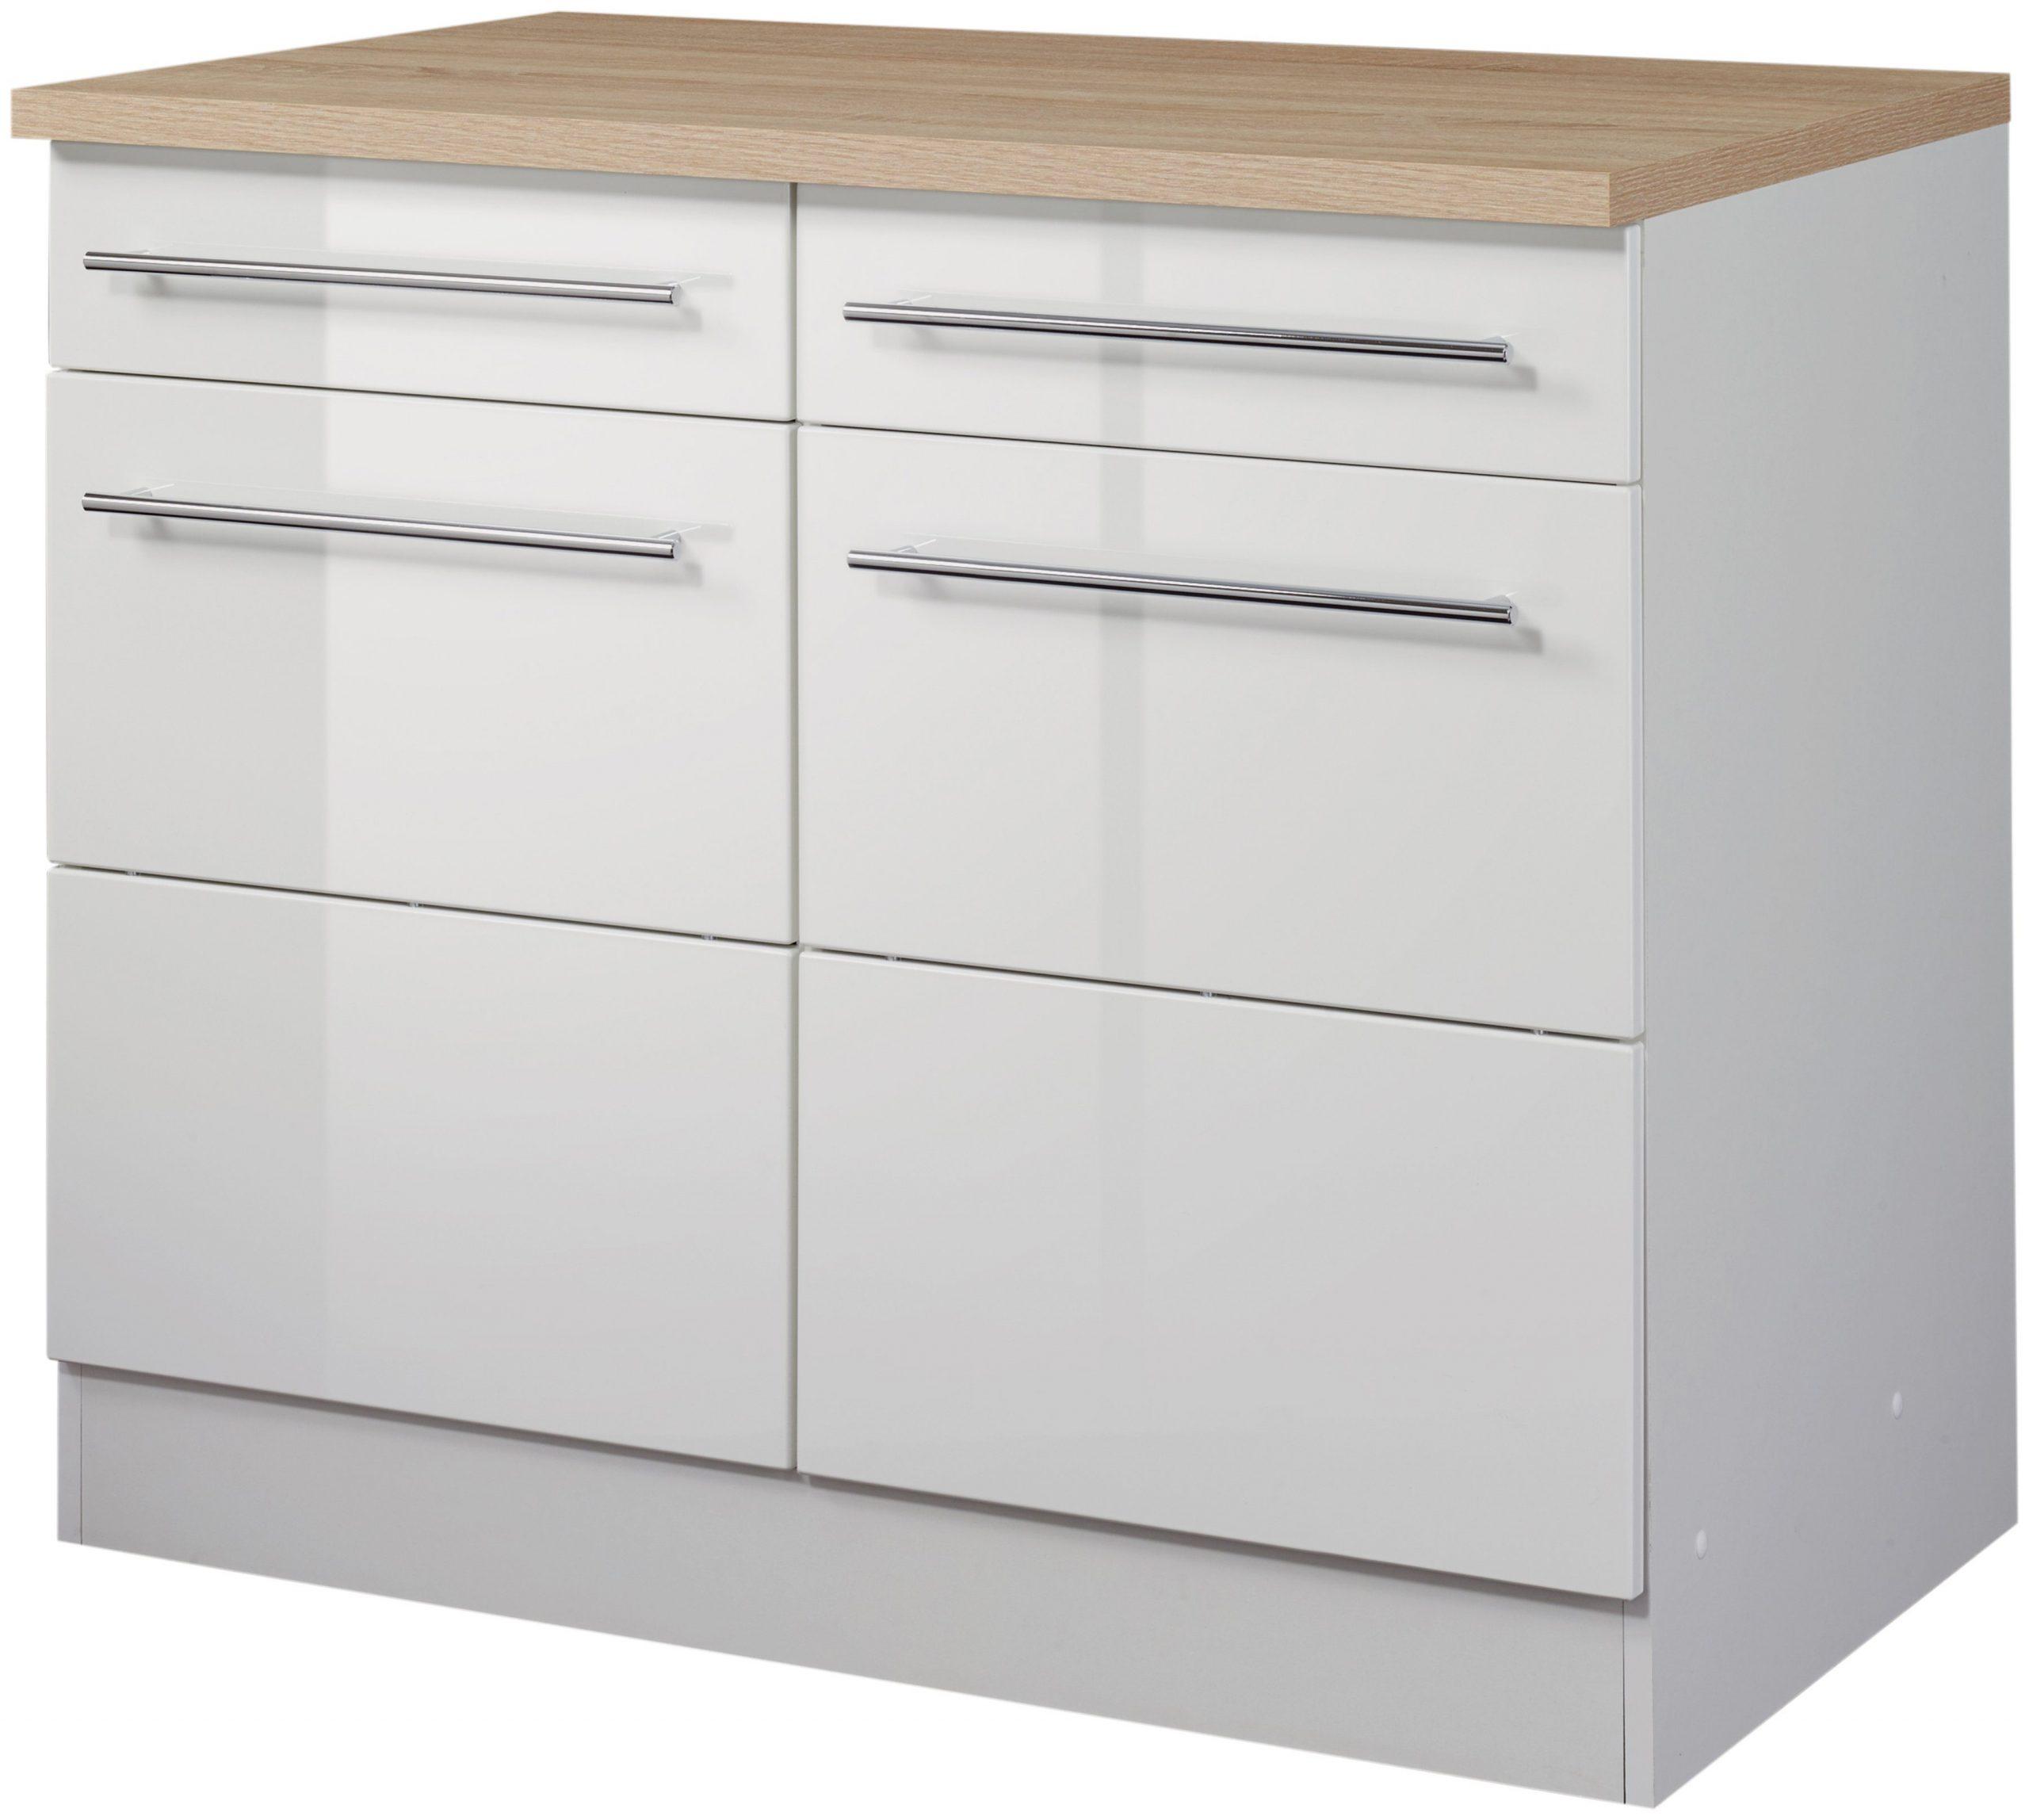 Full Size of Küchenunterschrank Schubladen Kchenunterschrank Mit 3 Wohnzimmer Küchenunterschrank